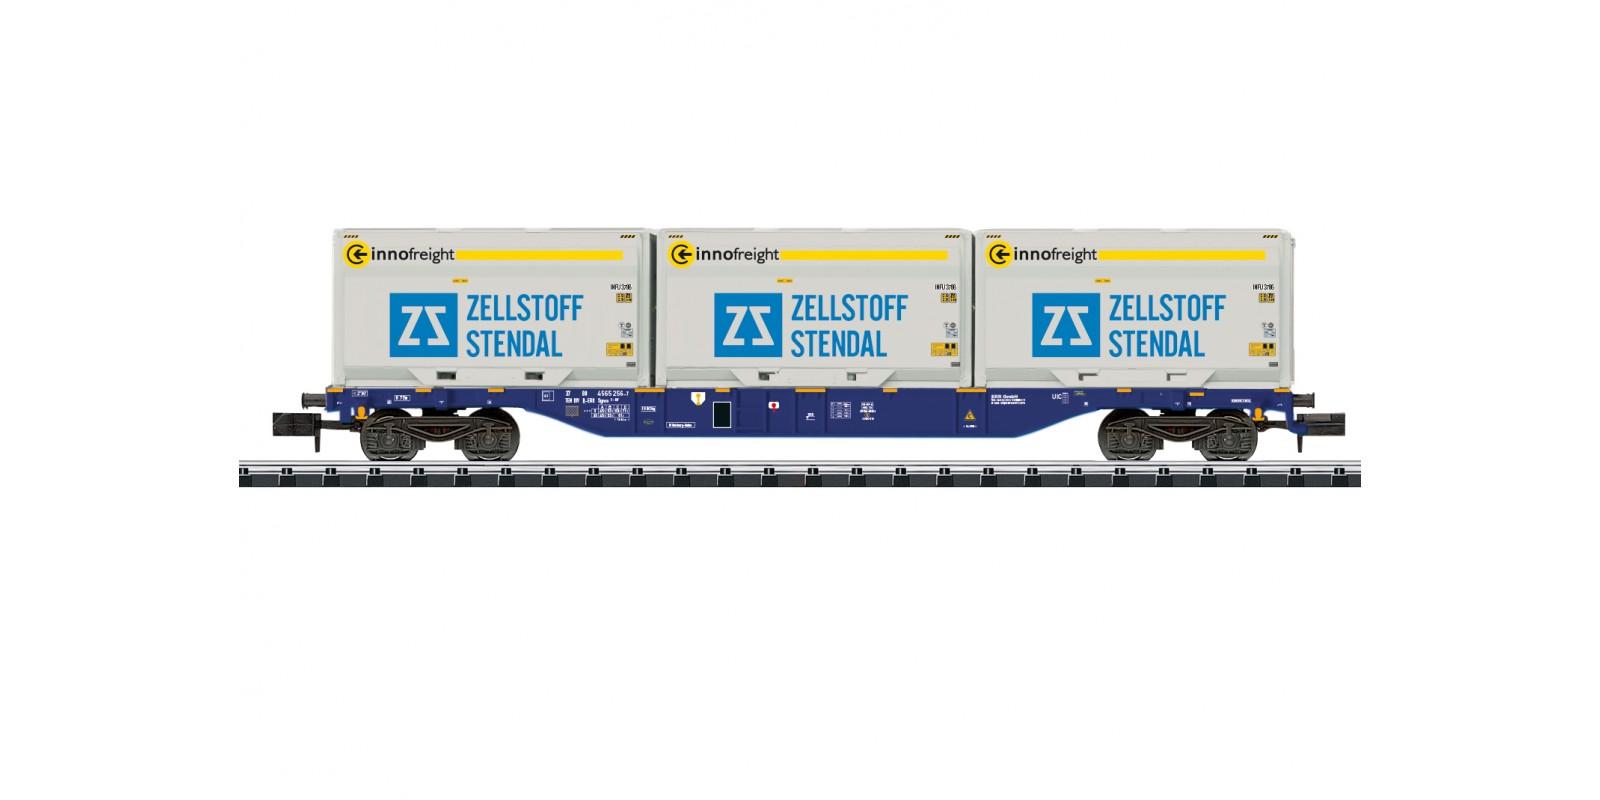 T18420 Containertragwagen Bauart Sgnss